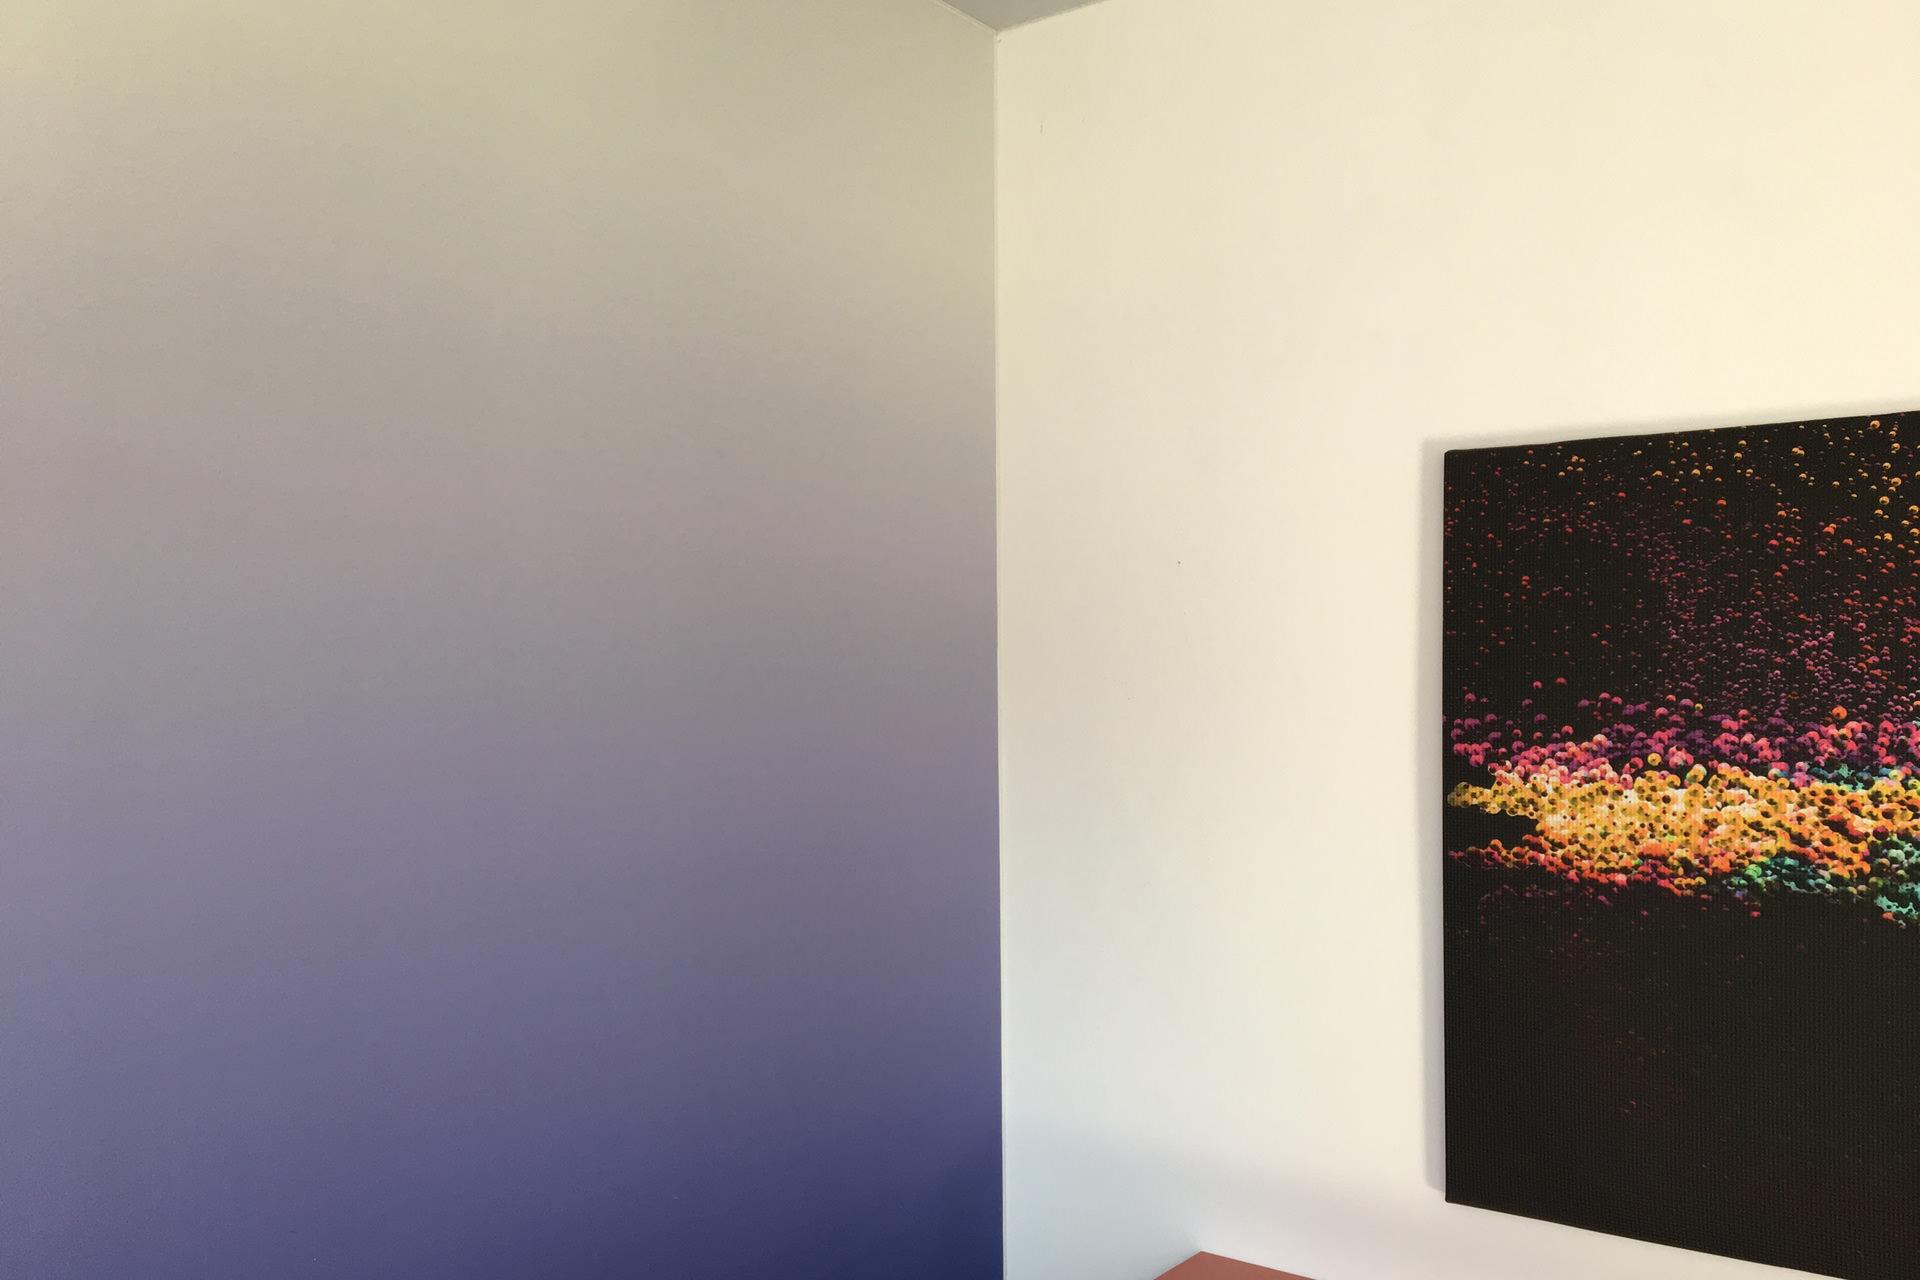 Wand- und Deckenbespannung von der TPPM-GmbH